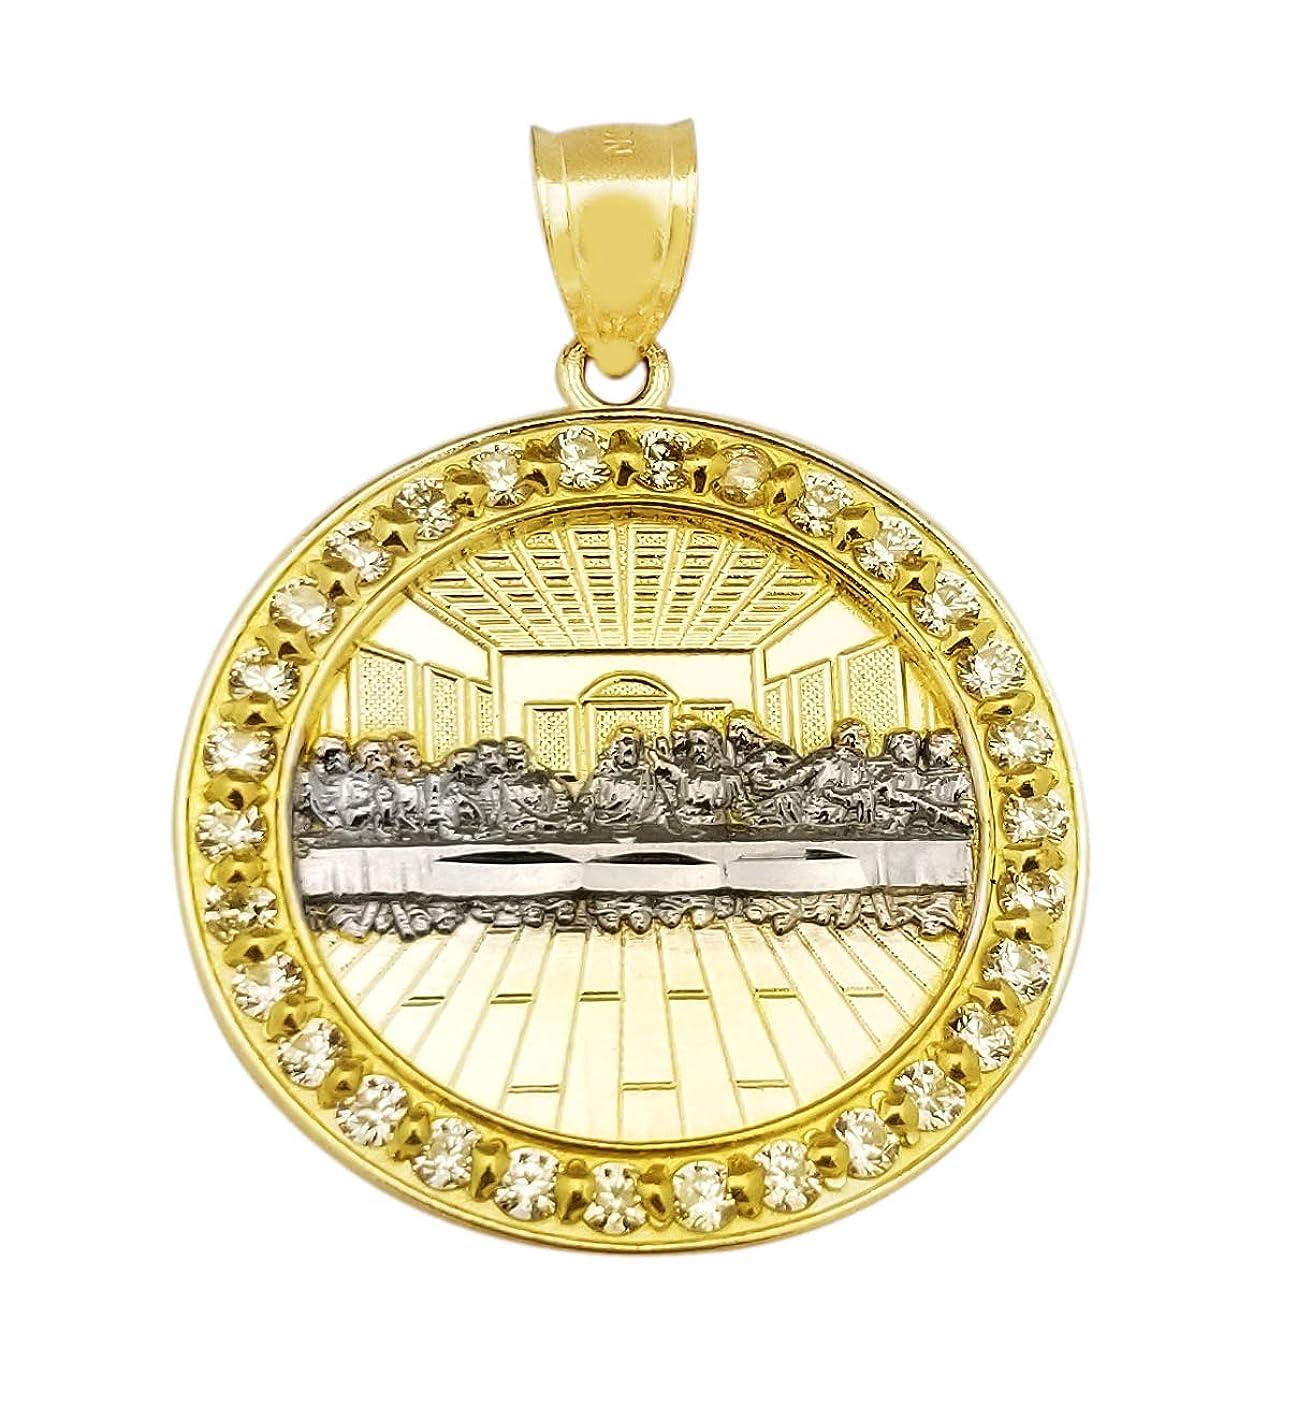 箱選択町AMZ Jewelry 10Kイエローゴールド 最後の晩餐ペンダント 最後の晩餐メダル